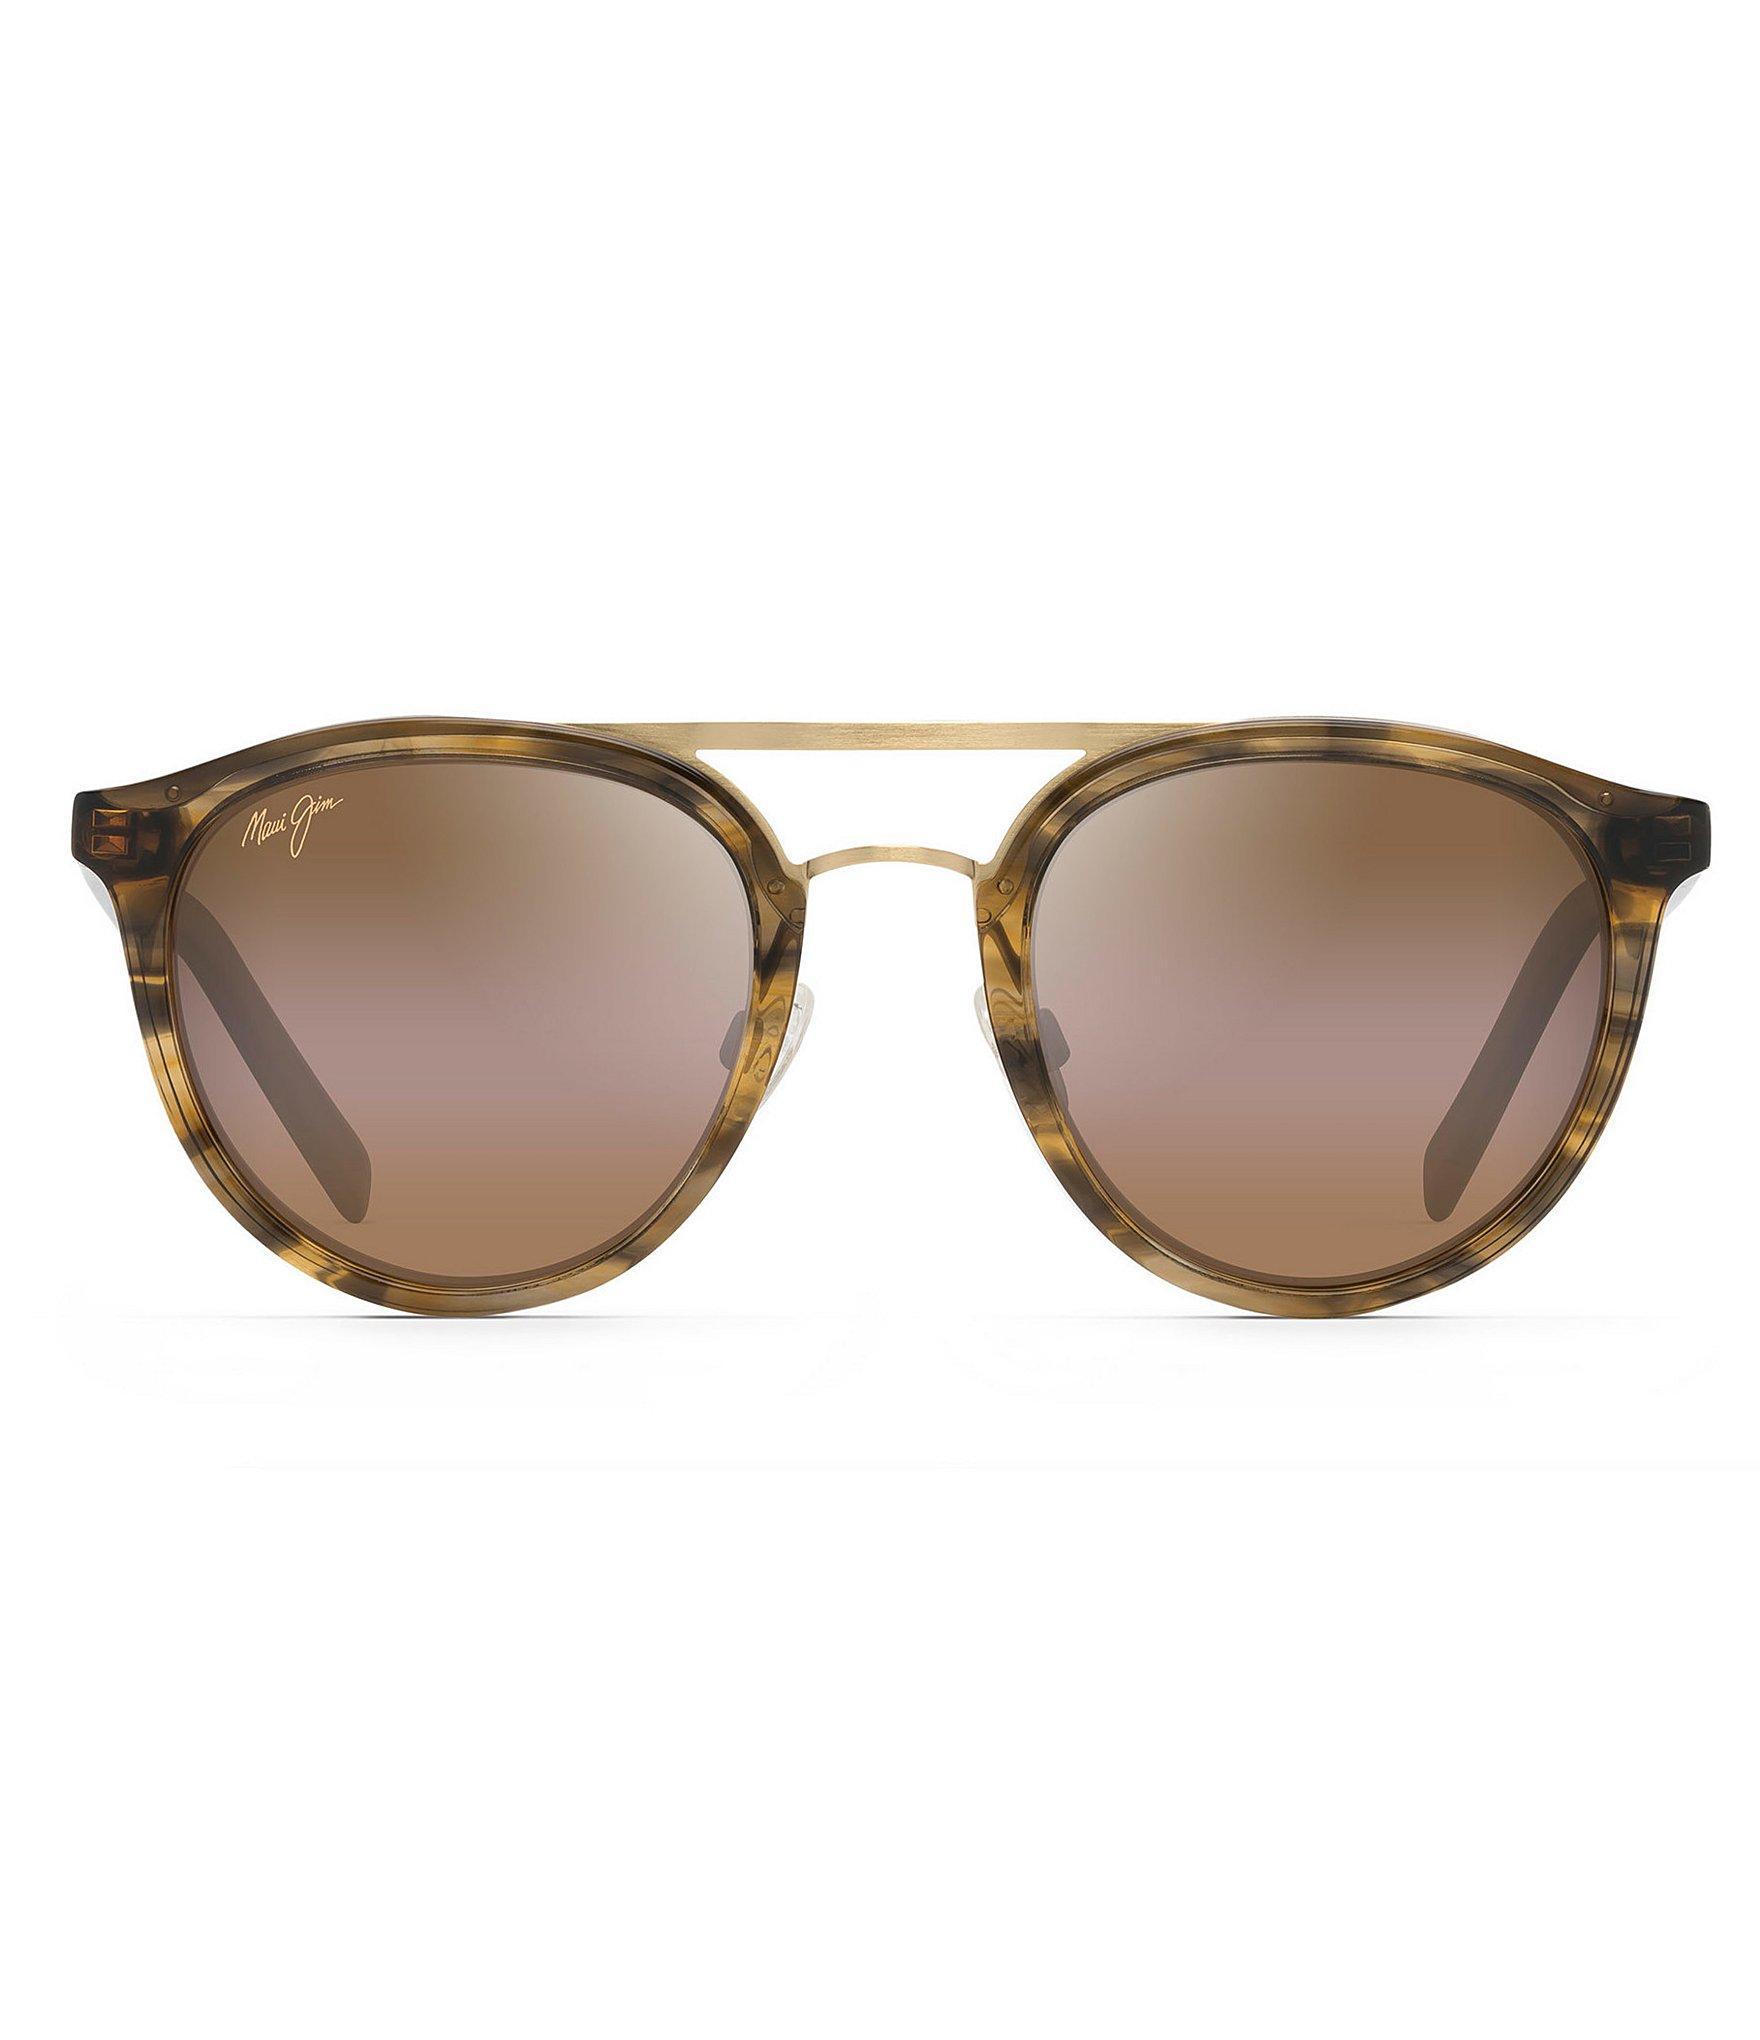 e7f11e20c72a Lyst - Maui Jim Sunny Days Polarized Fashion Sunglasses in Brown for Men